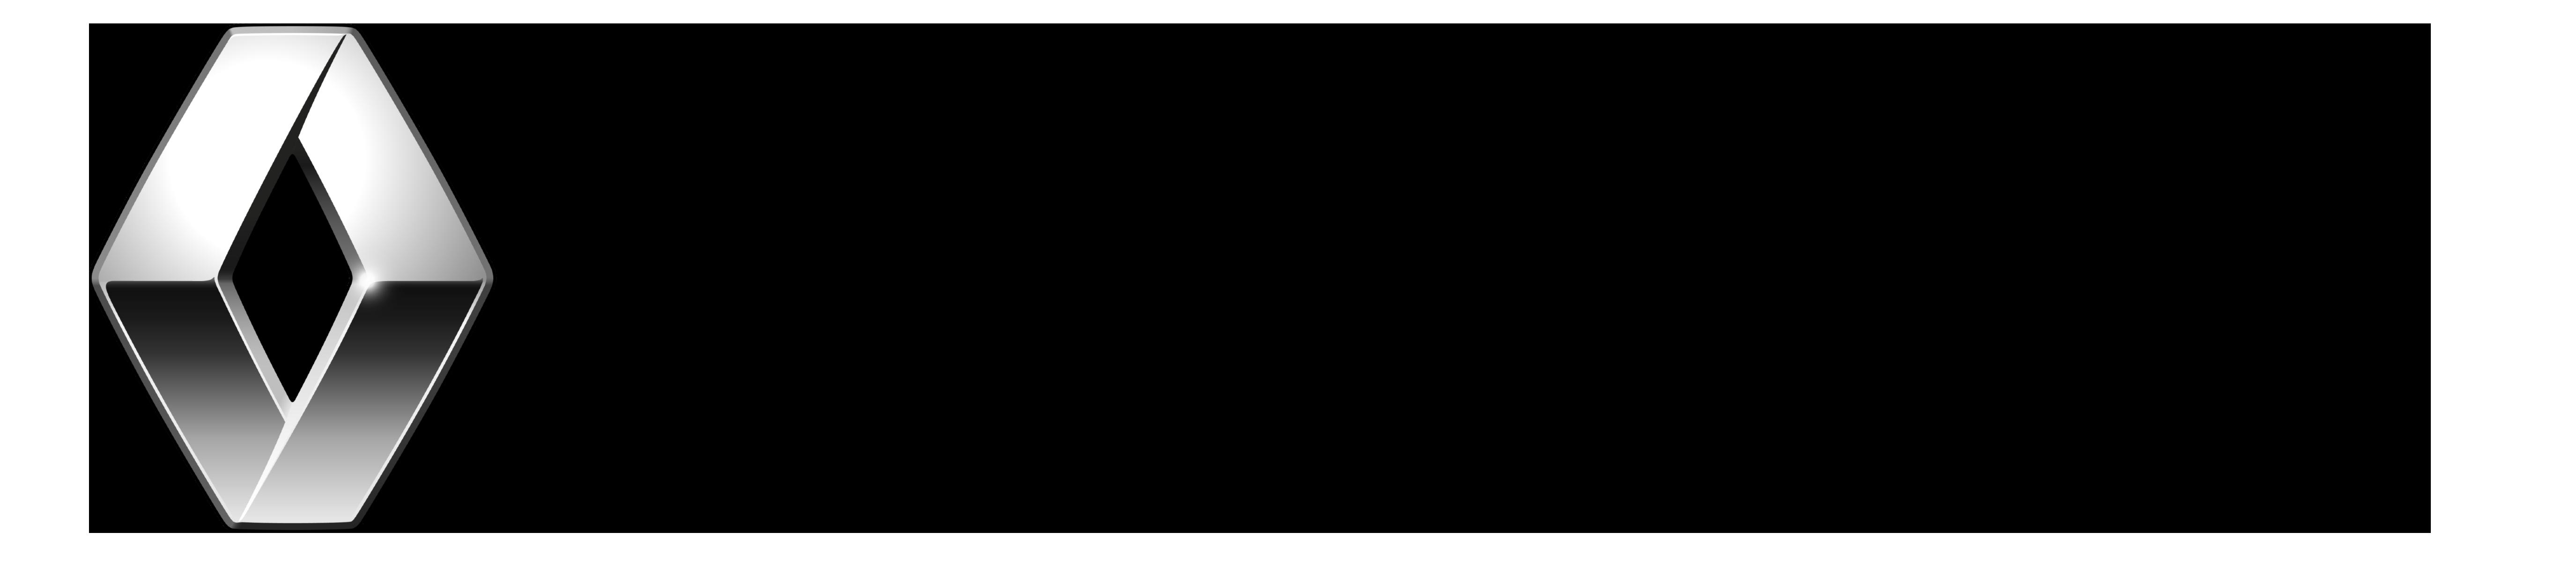 Main Renault logo - Renault Logo Vector PNG